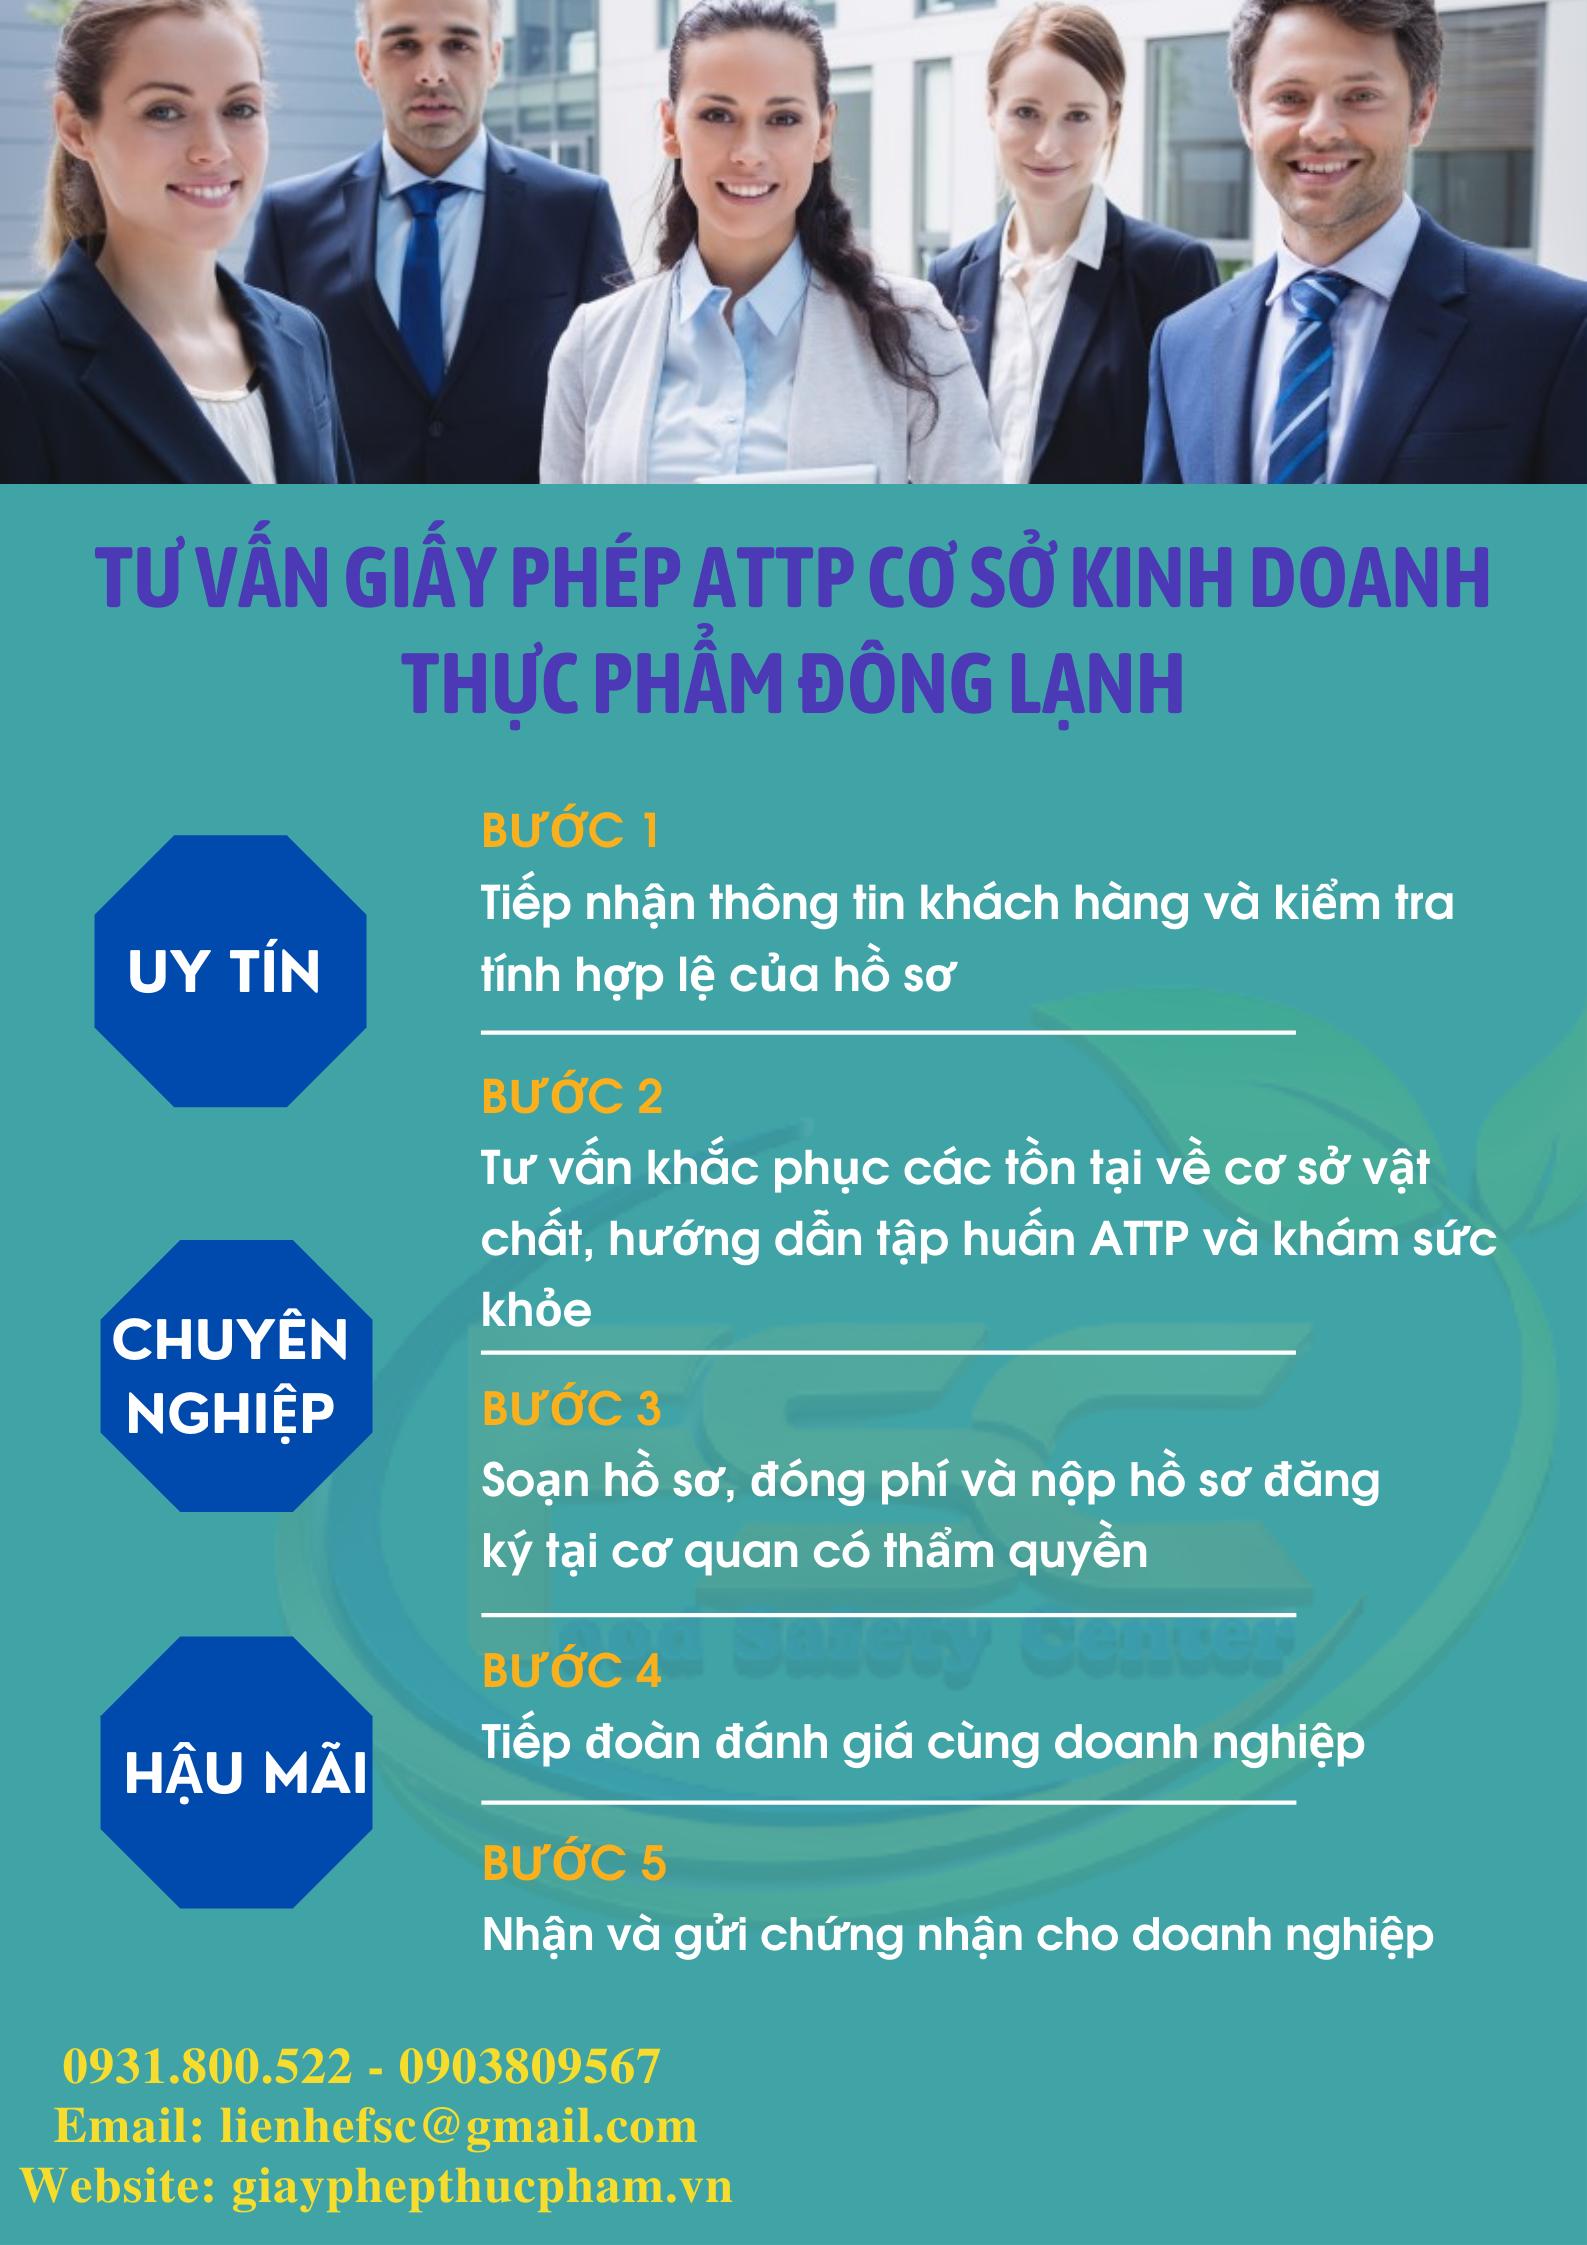 giay-an-toan-thuc-pham-co-so-kinh-doanh-thuc-pham-dong-lanh